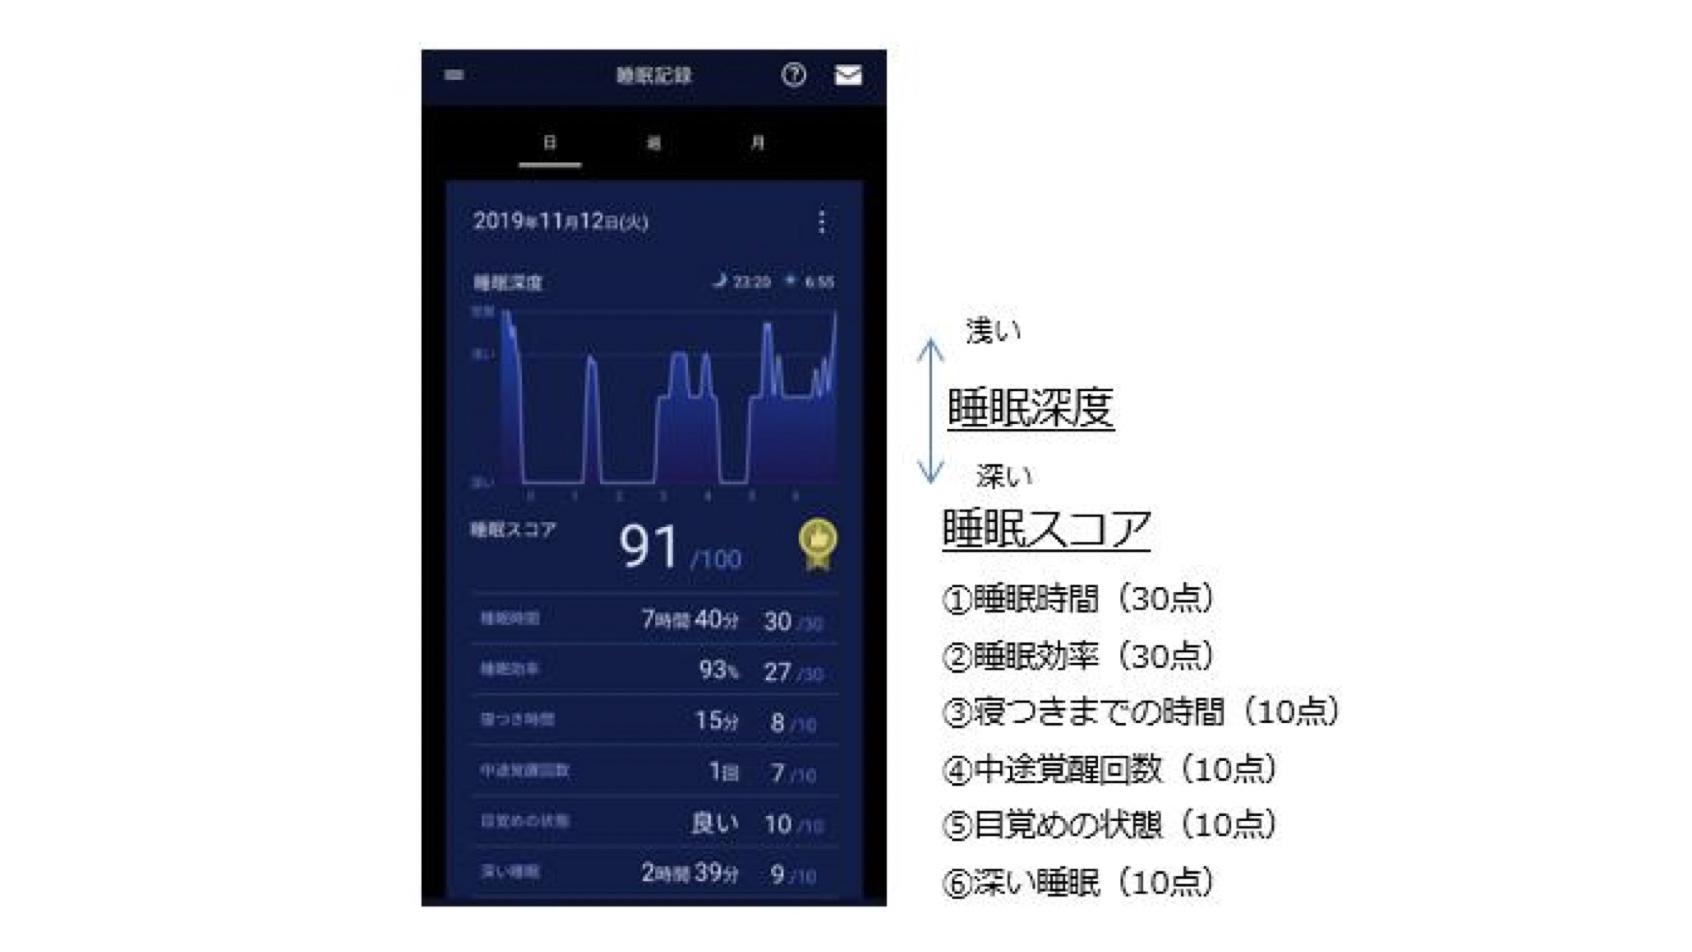 西川×パナソニック | 「快眠環境サポートサービス」を共同開発、睡眠データにあわせて家電を自動制御